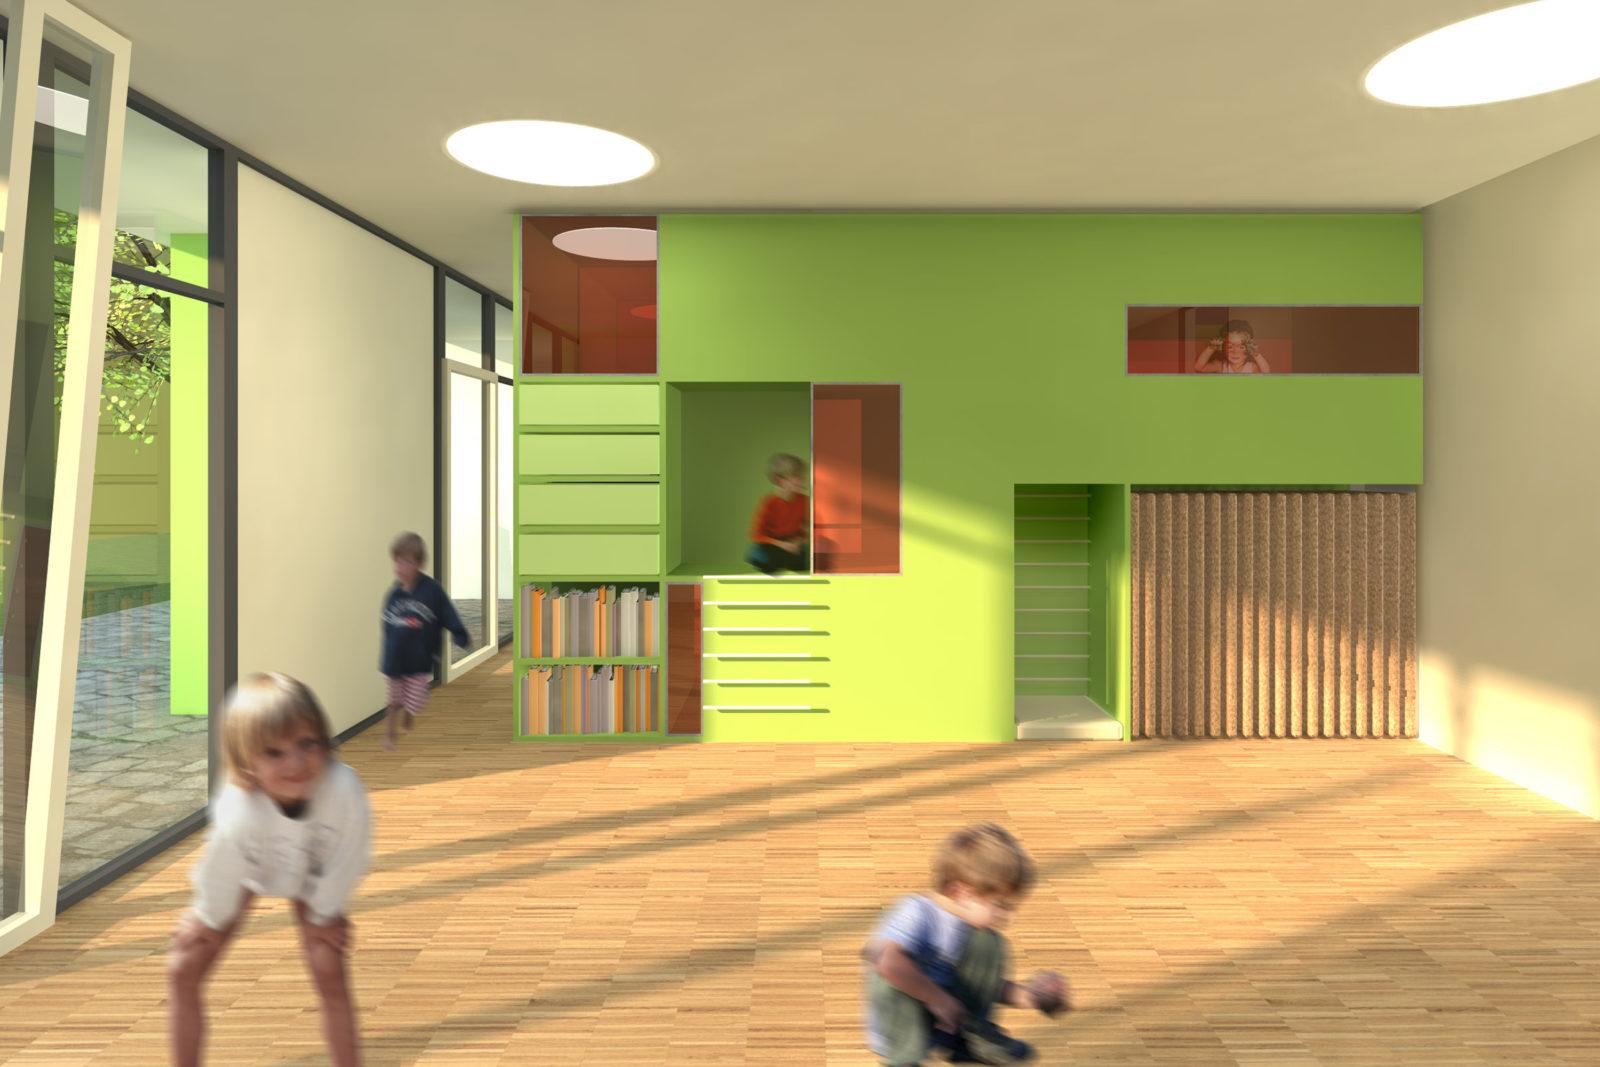 Wettbewerb Kinderhaus Struppen - Blick in einen Gruppenraum der Kita